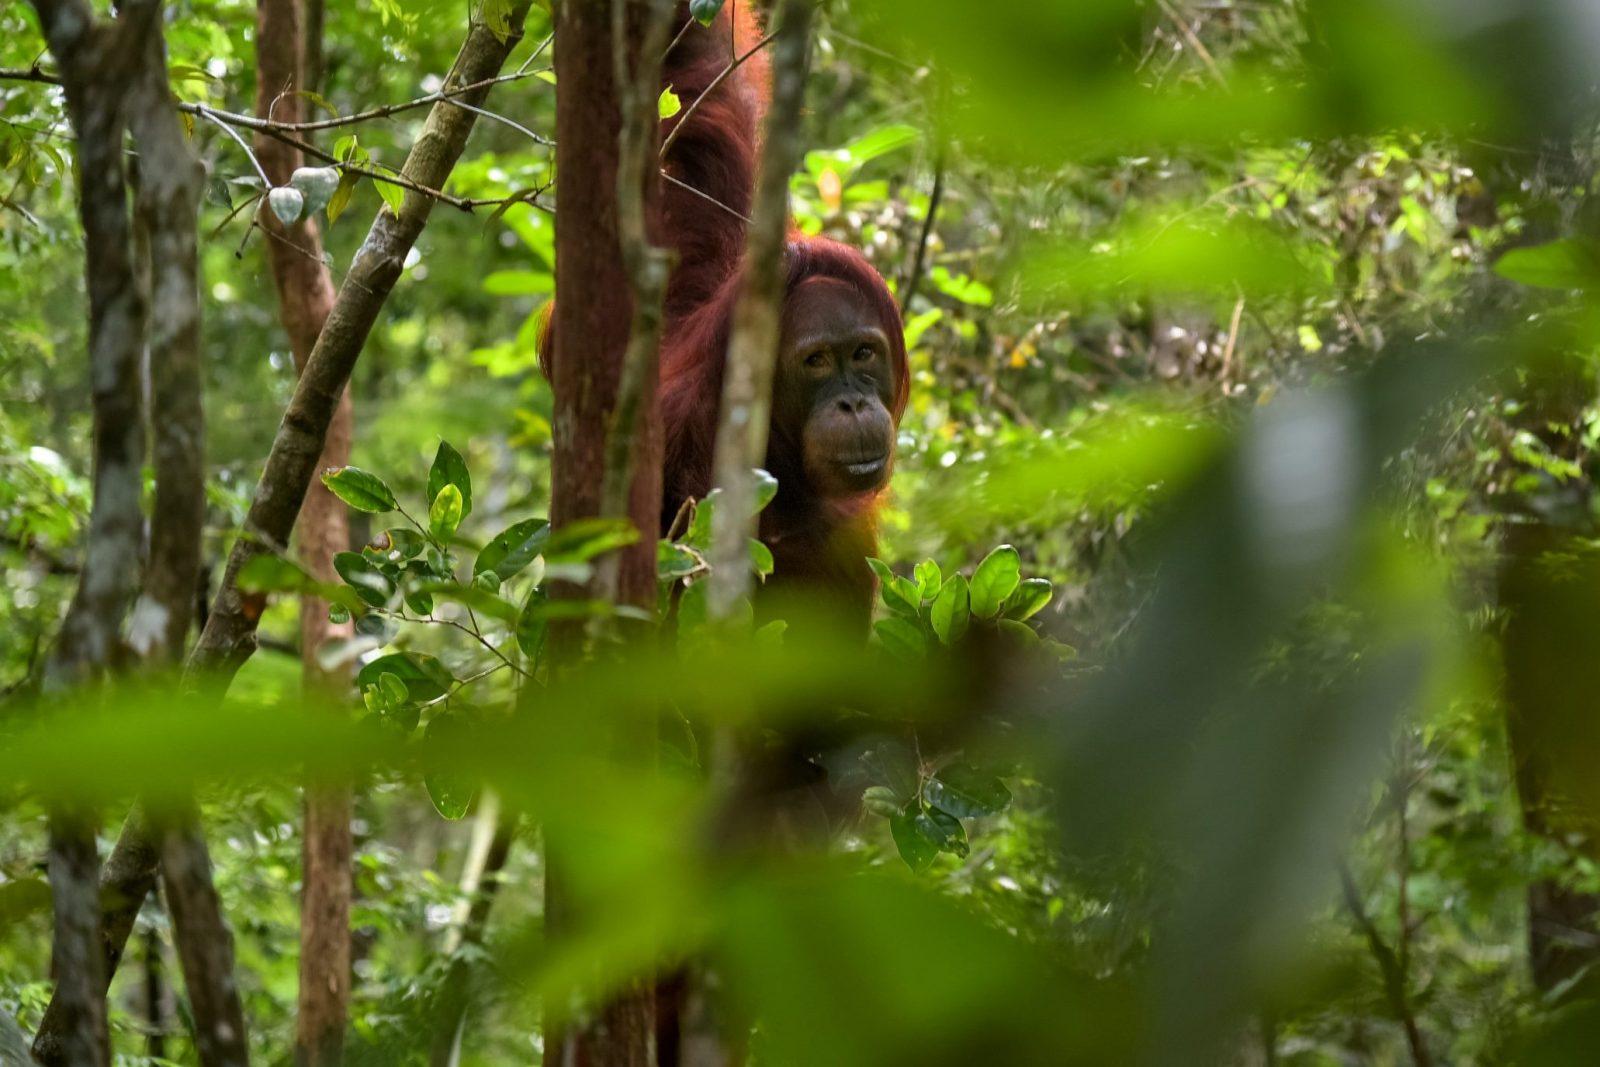 Национальный парк Танджунг Путинг, Суматра, Индонезия